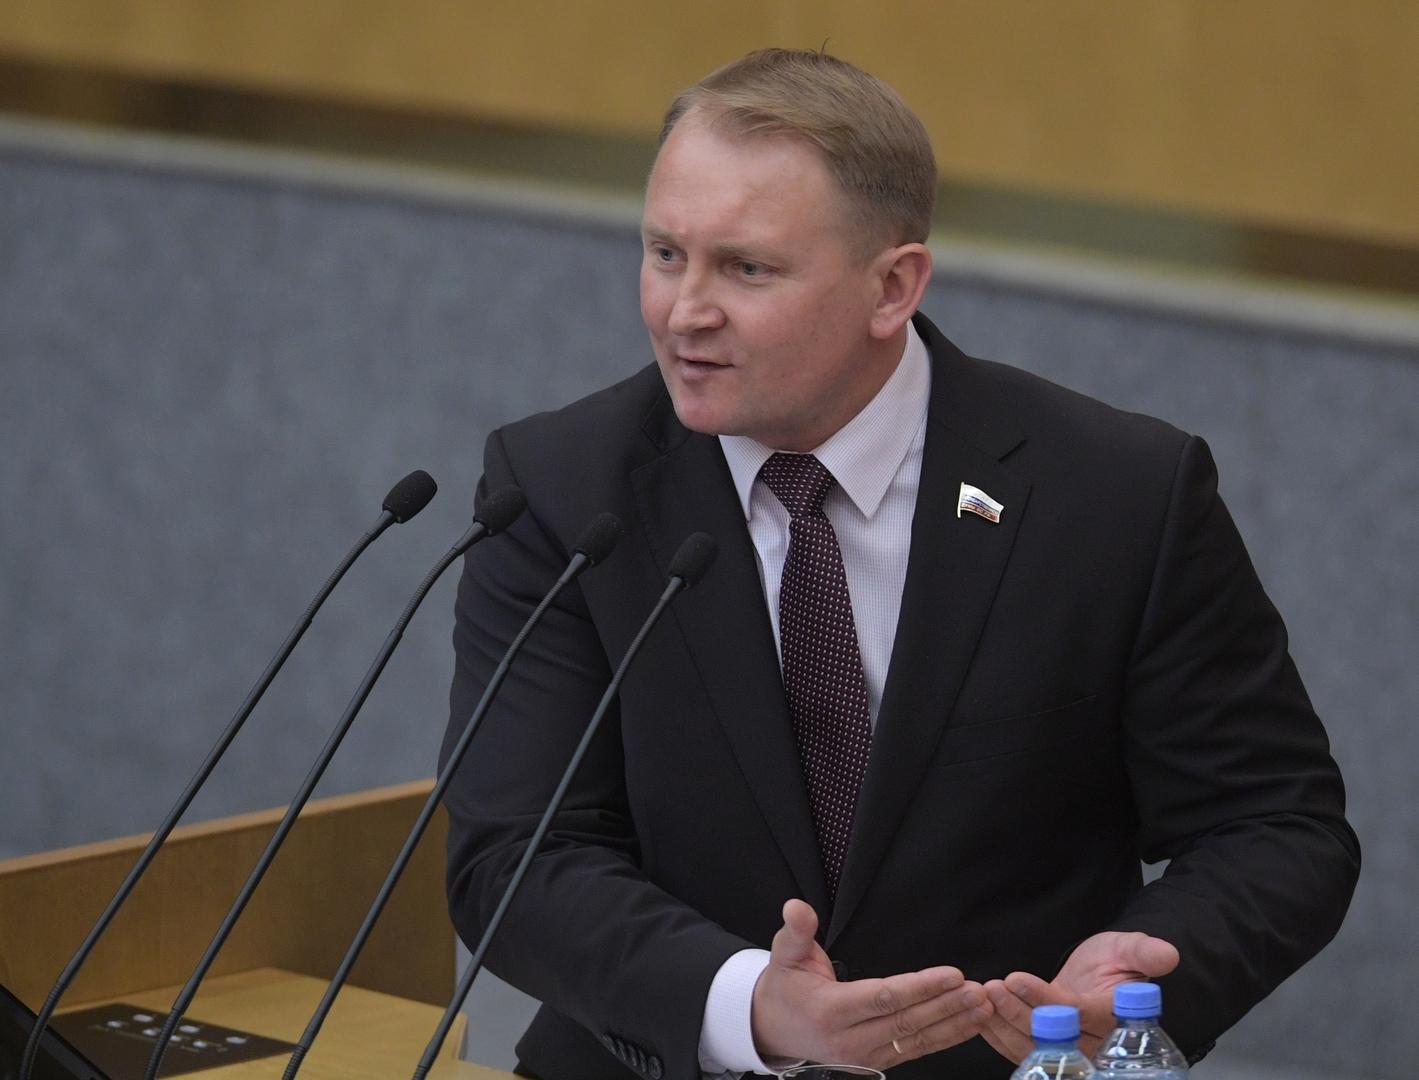 النائب الأول لرئيس لجنة الدفاع بمجلس الدوما الروسي، ألكسندر شيرين